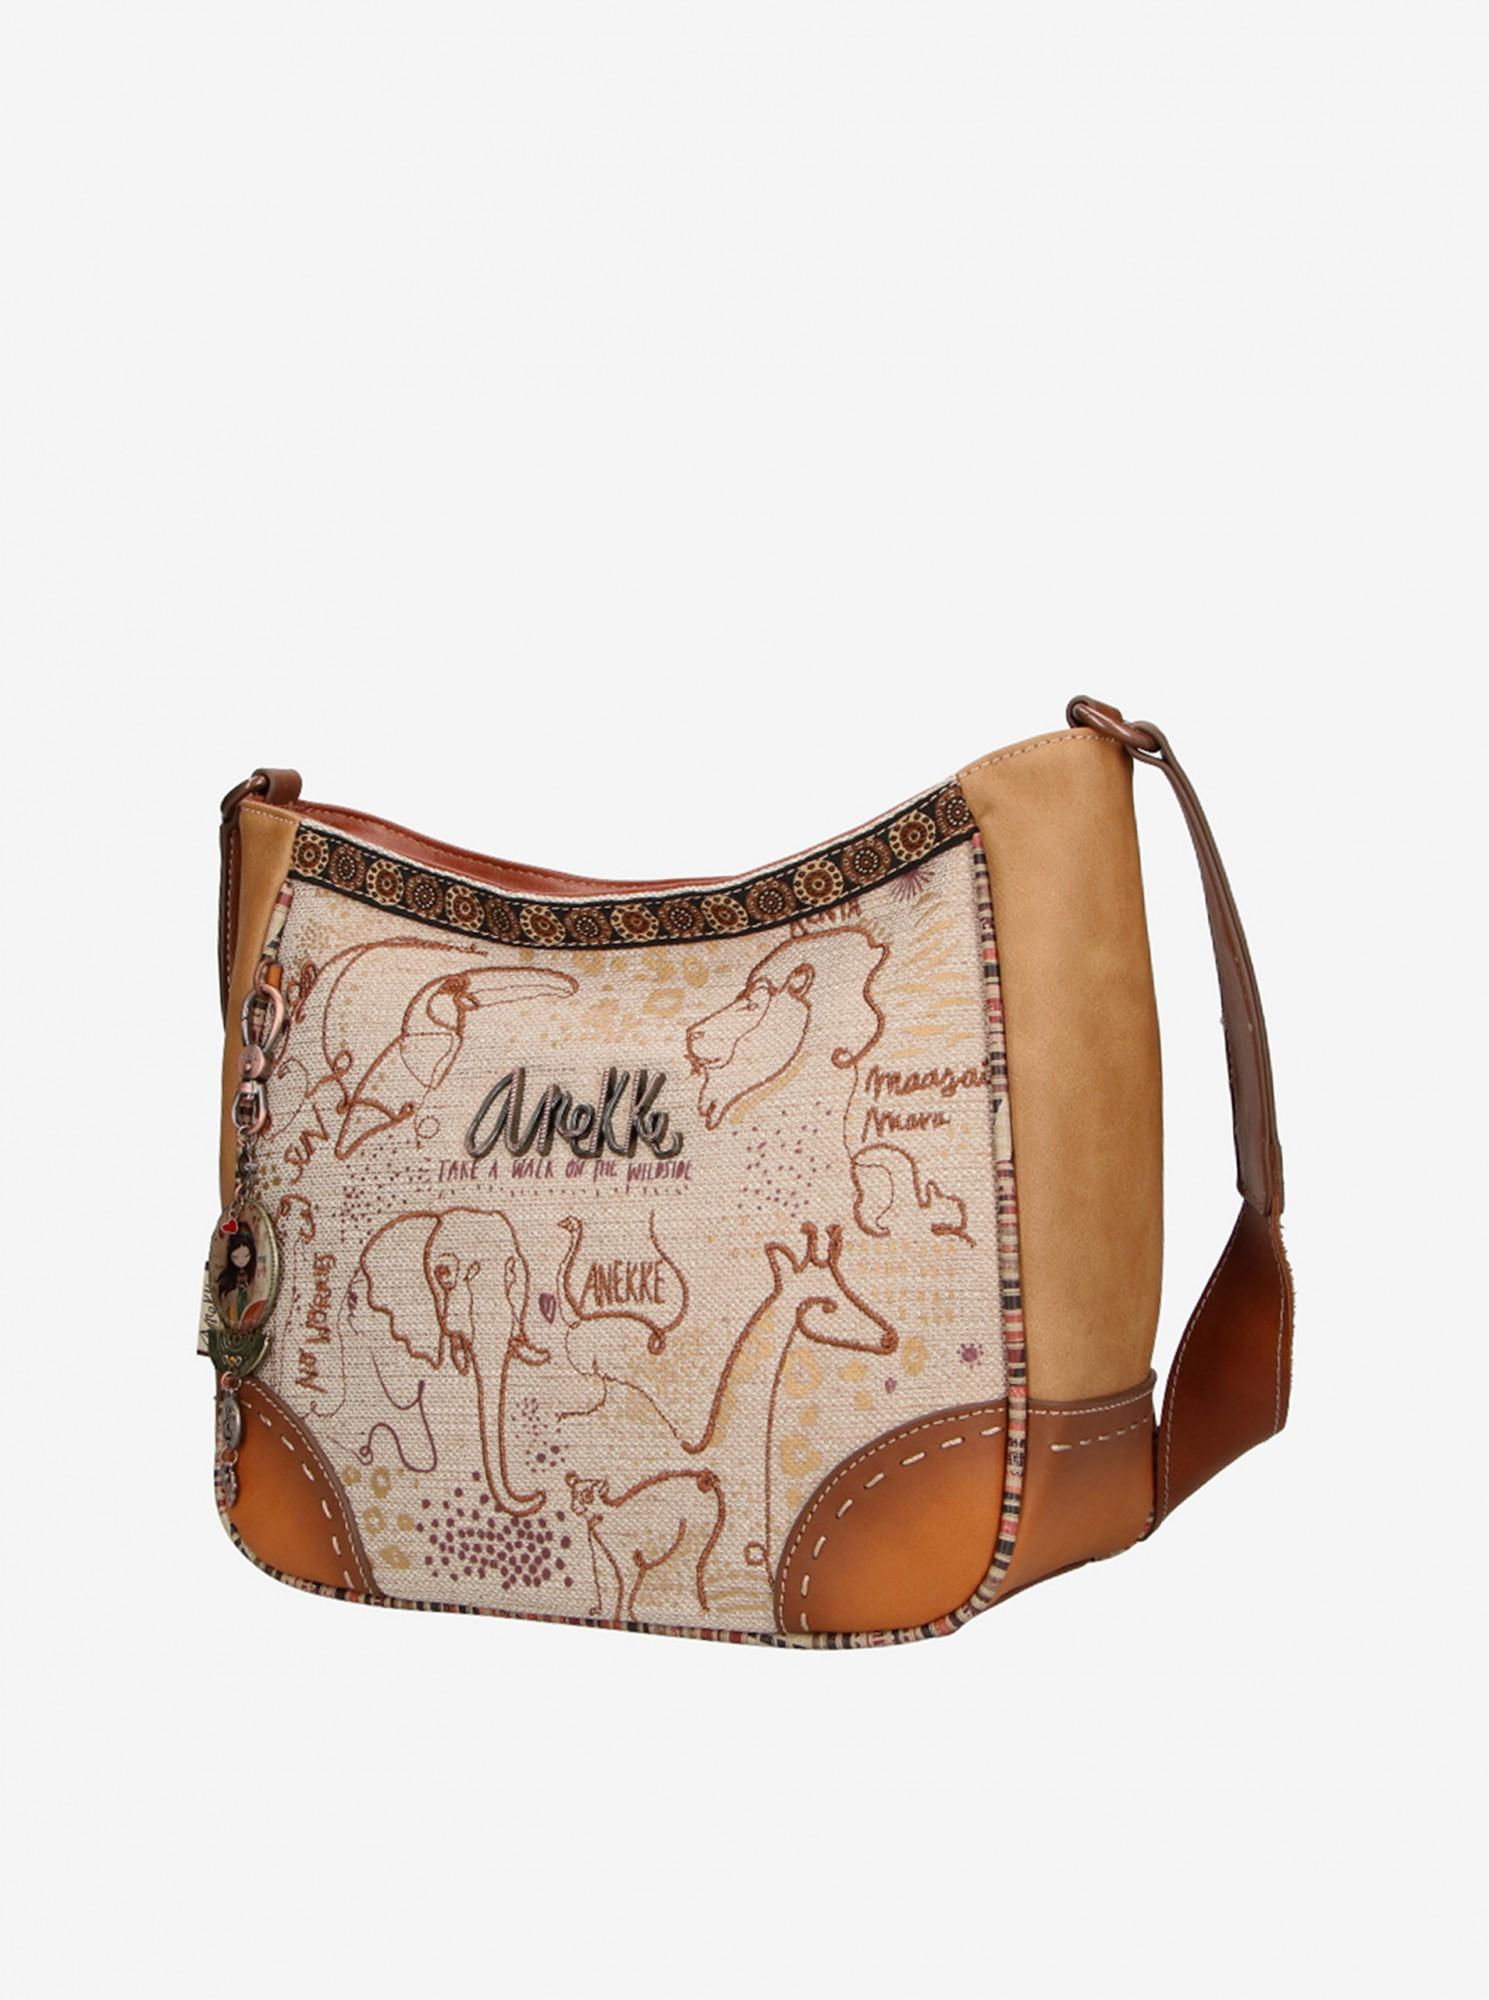 Anekke crossbody handbag Kenya